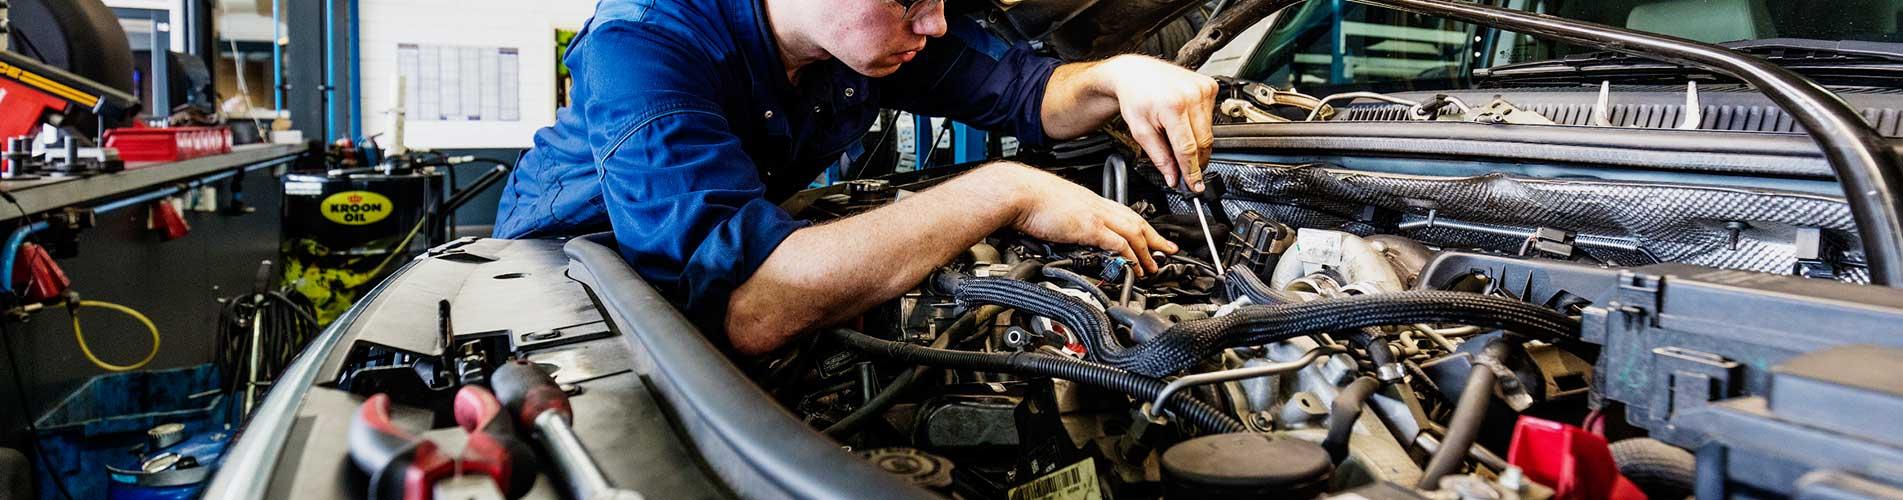 FlexFitters Automotive vacatures inschrijven